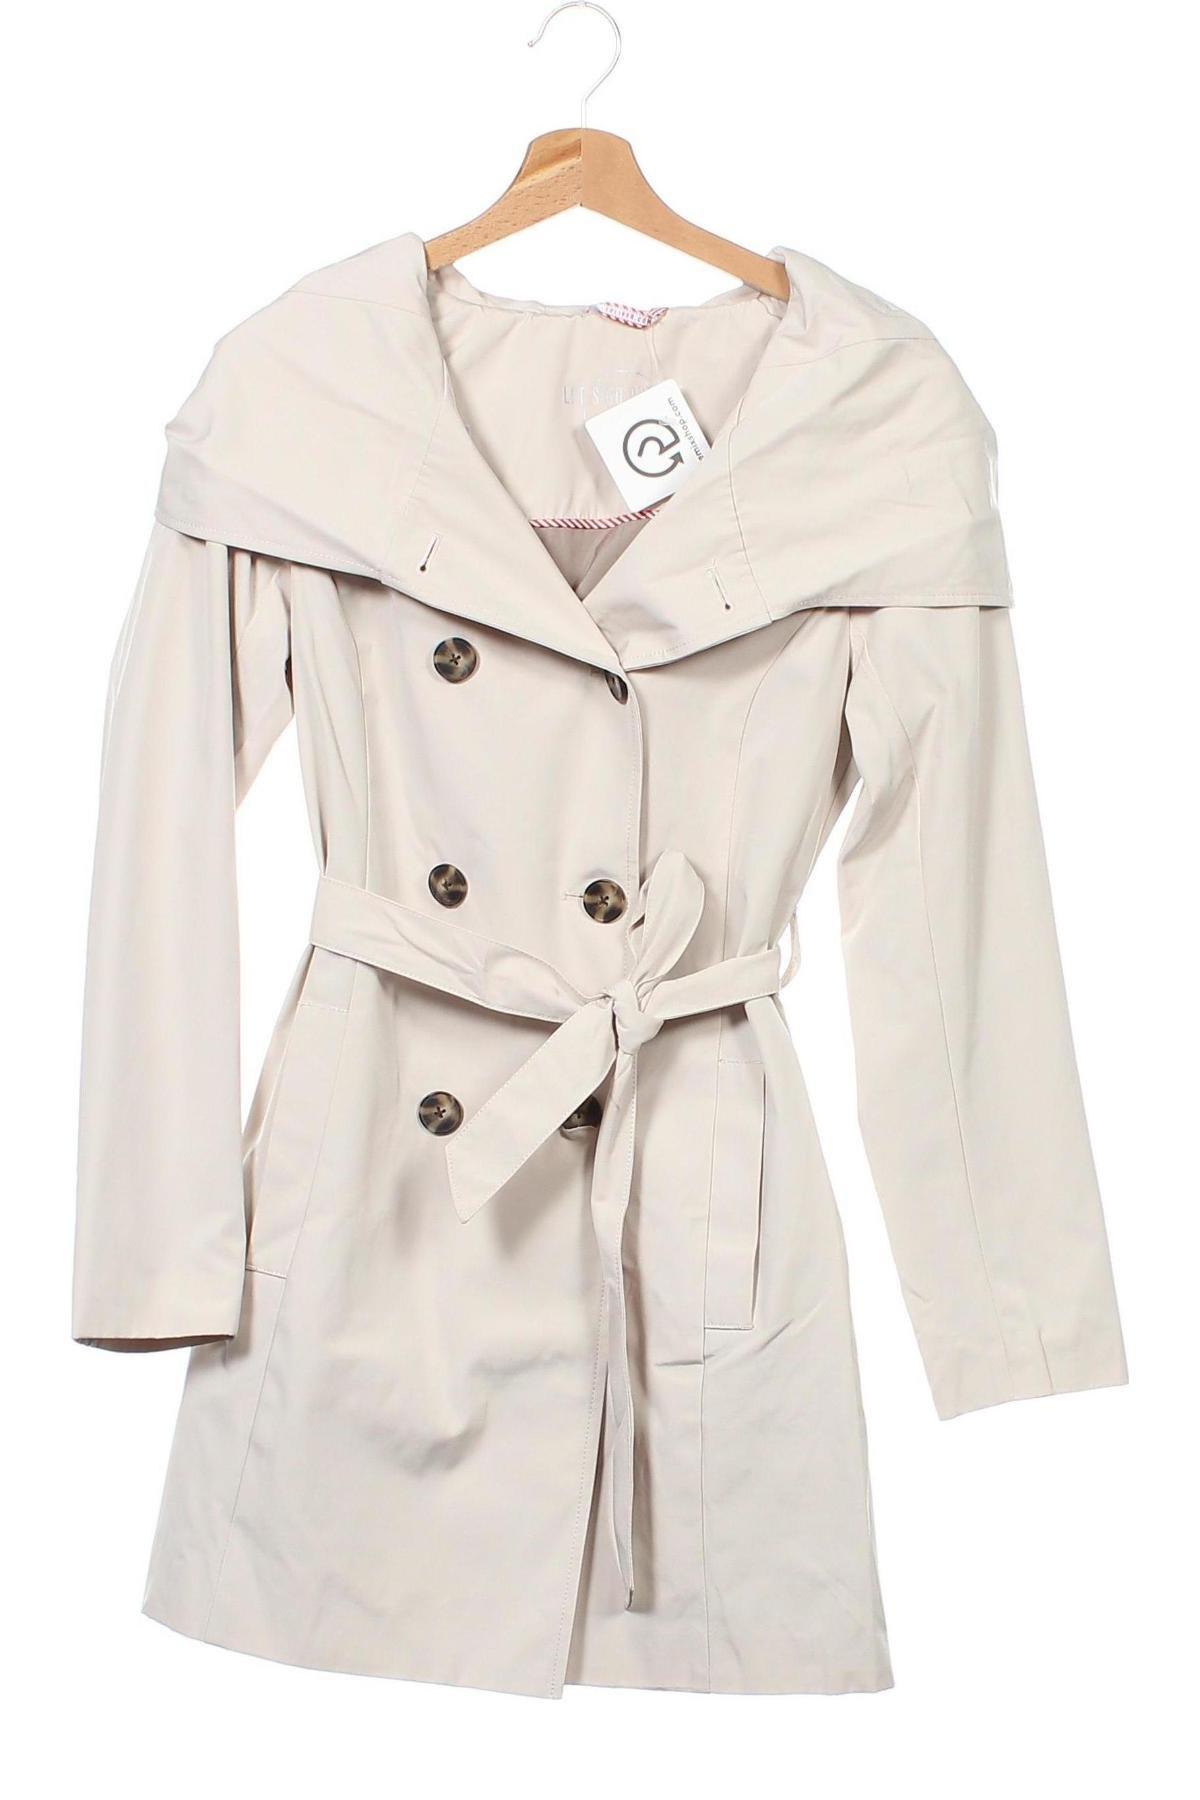 Дамски шлифер S.Oliver, Размер XS, Цвят Бежов, 82% полиестер, 18% памук, Цена 134,25лв.